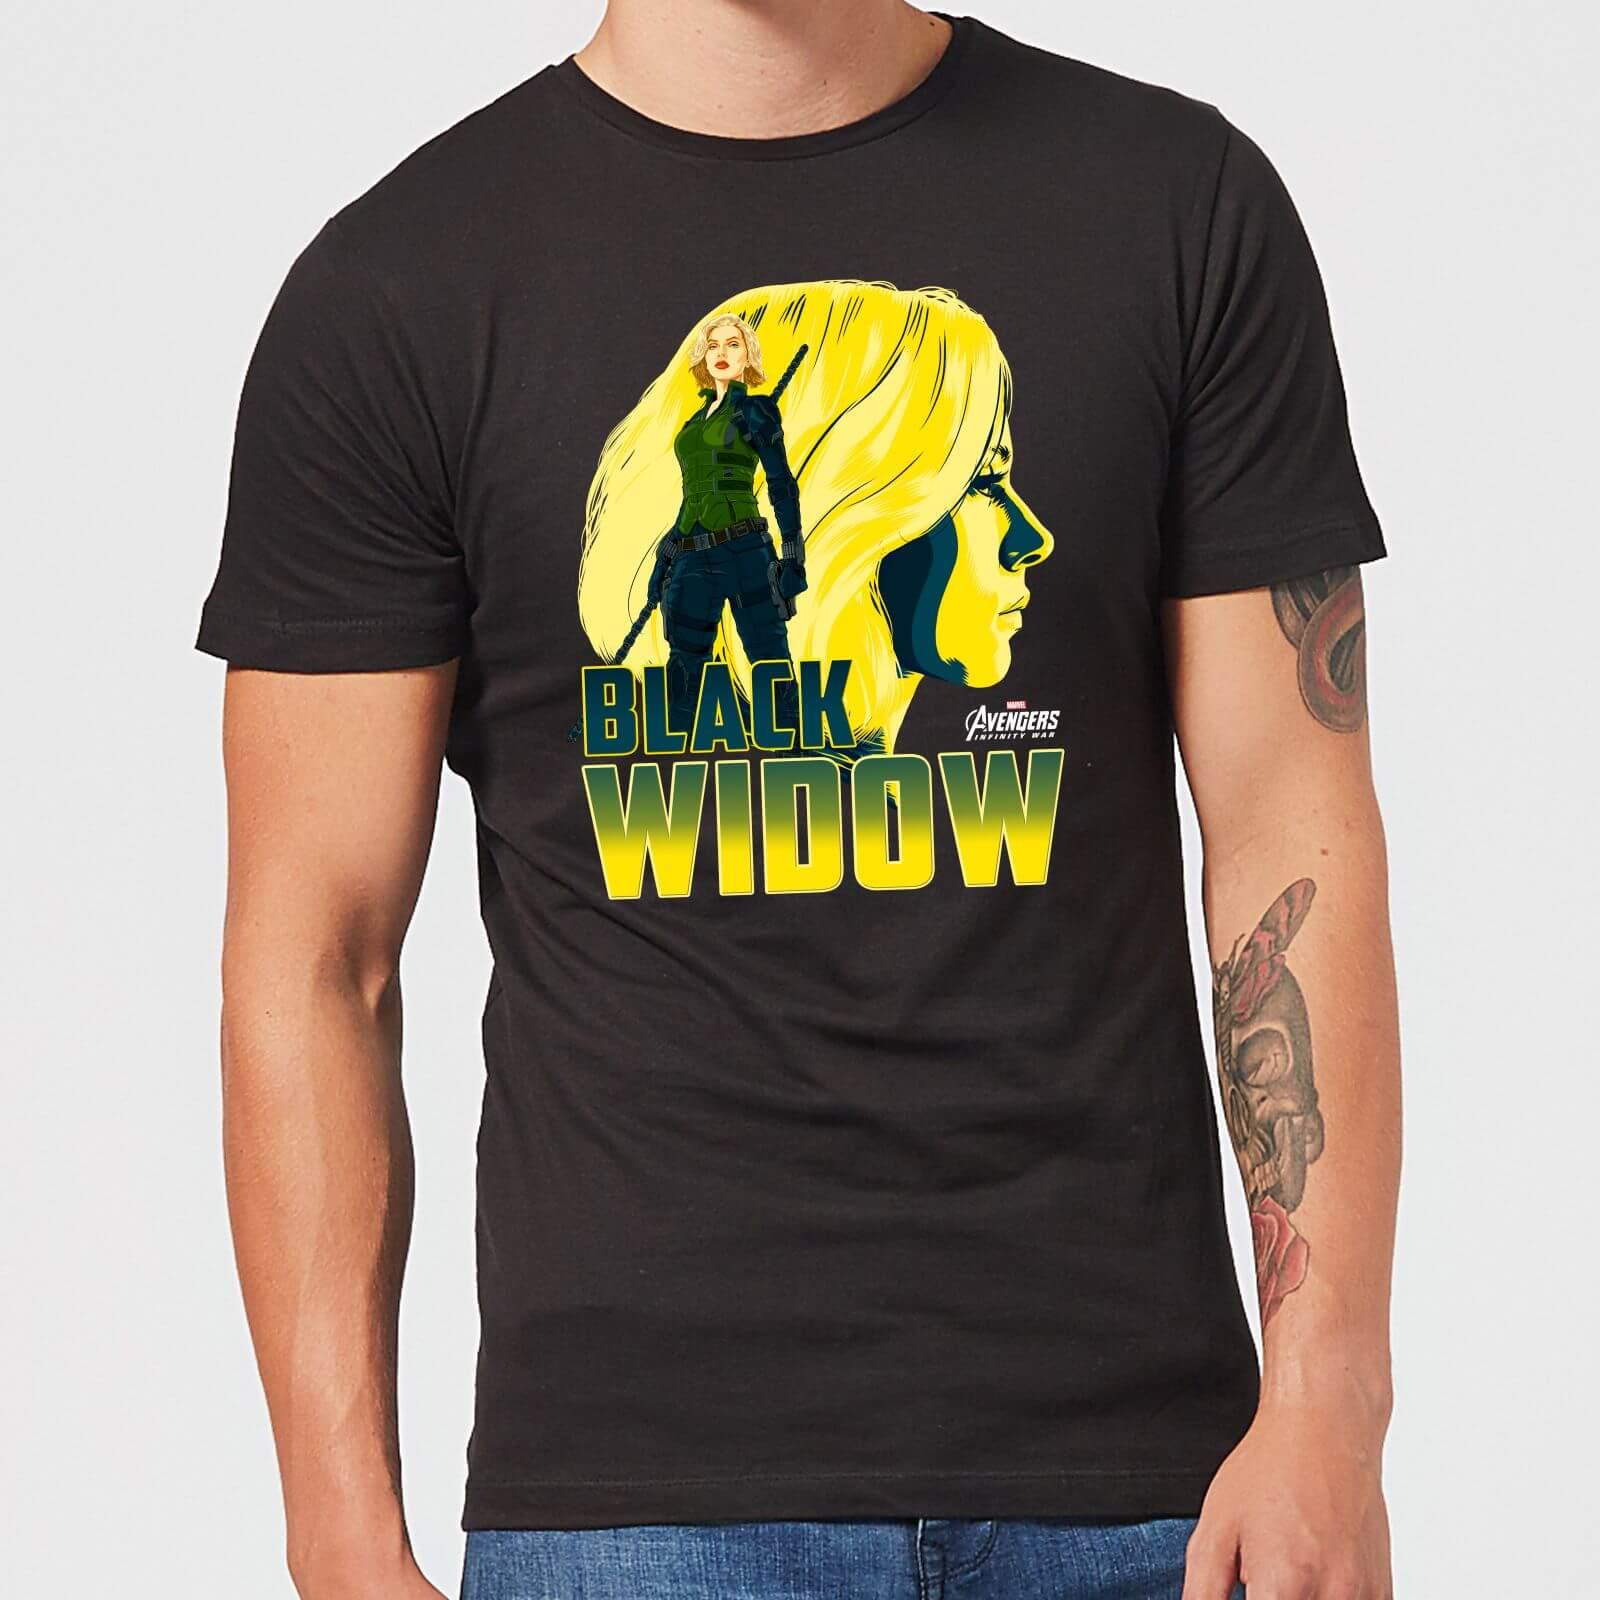 Camiseta Marvel Vengadores Viuda Negra Hombre Negro